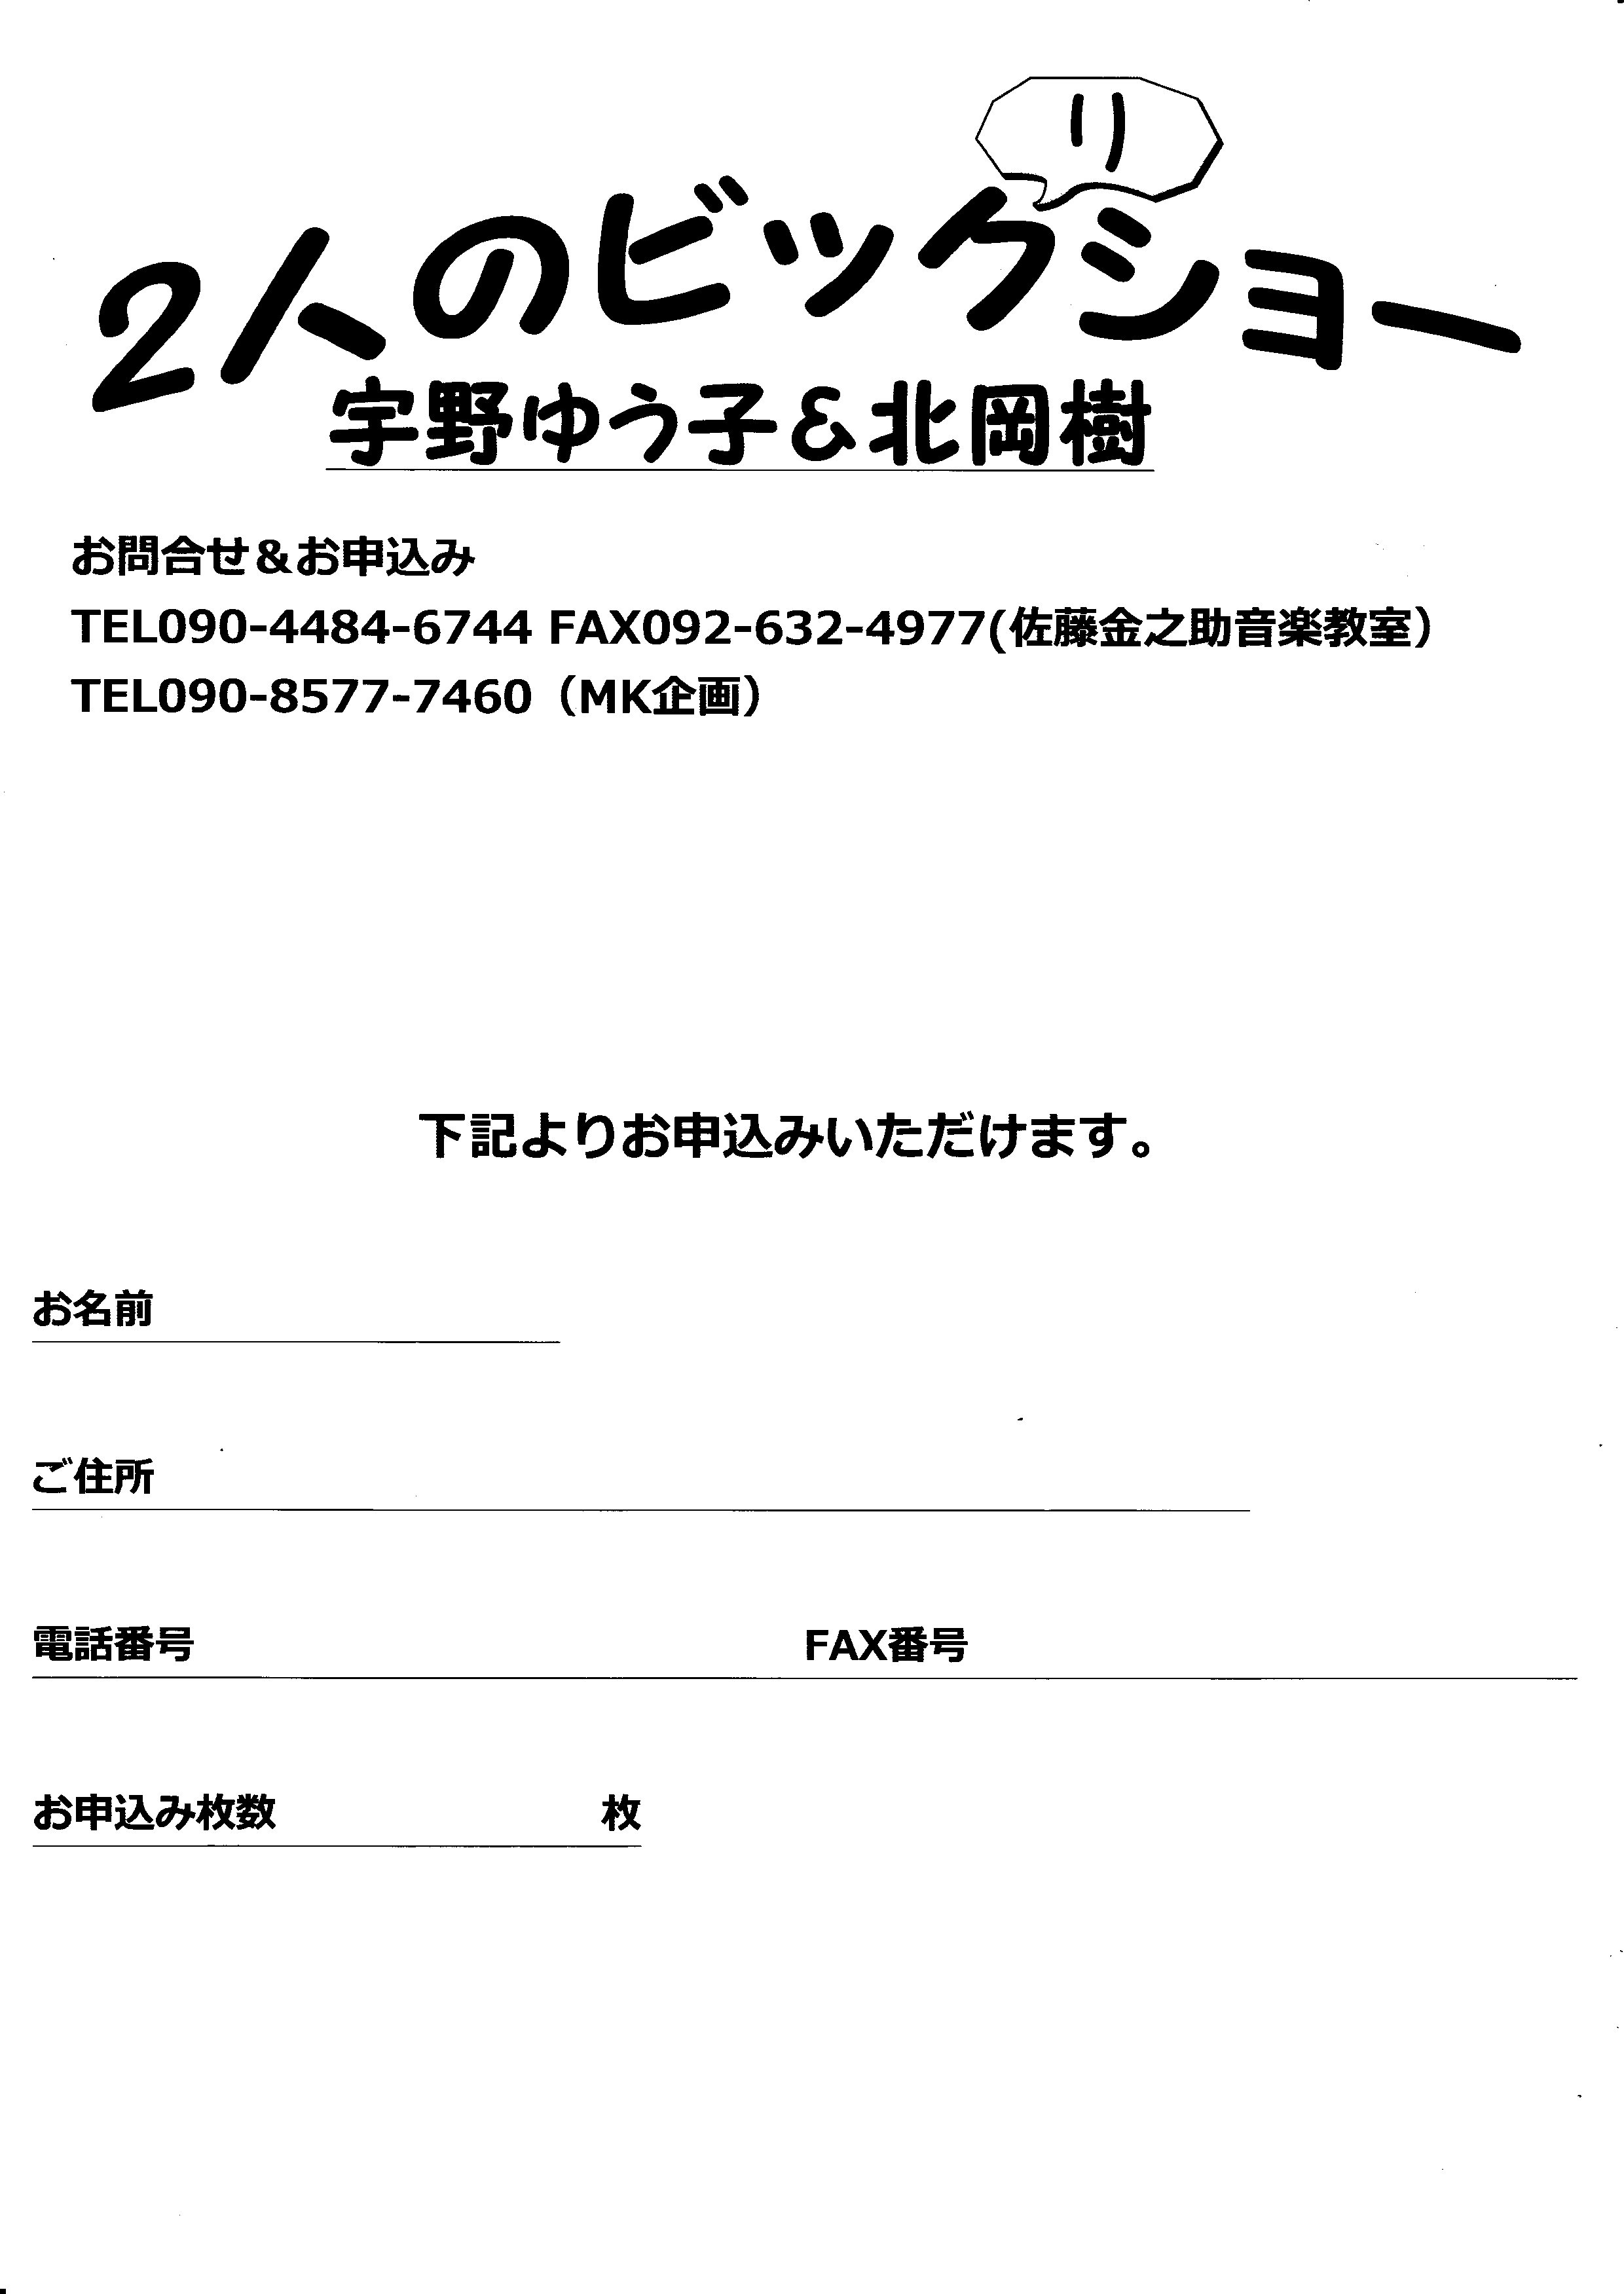 http://unoyuko.com/blog/chanson/img007.jpg